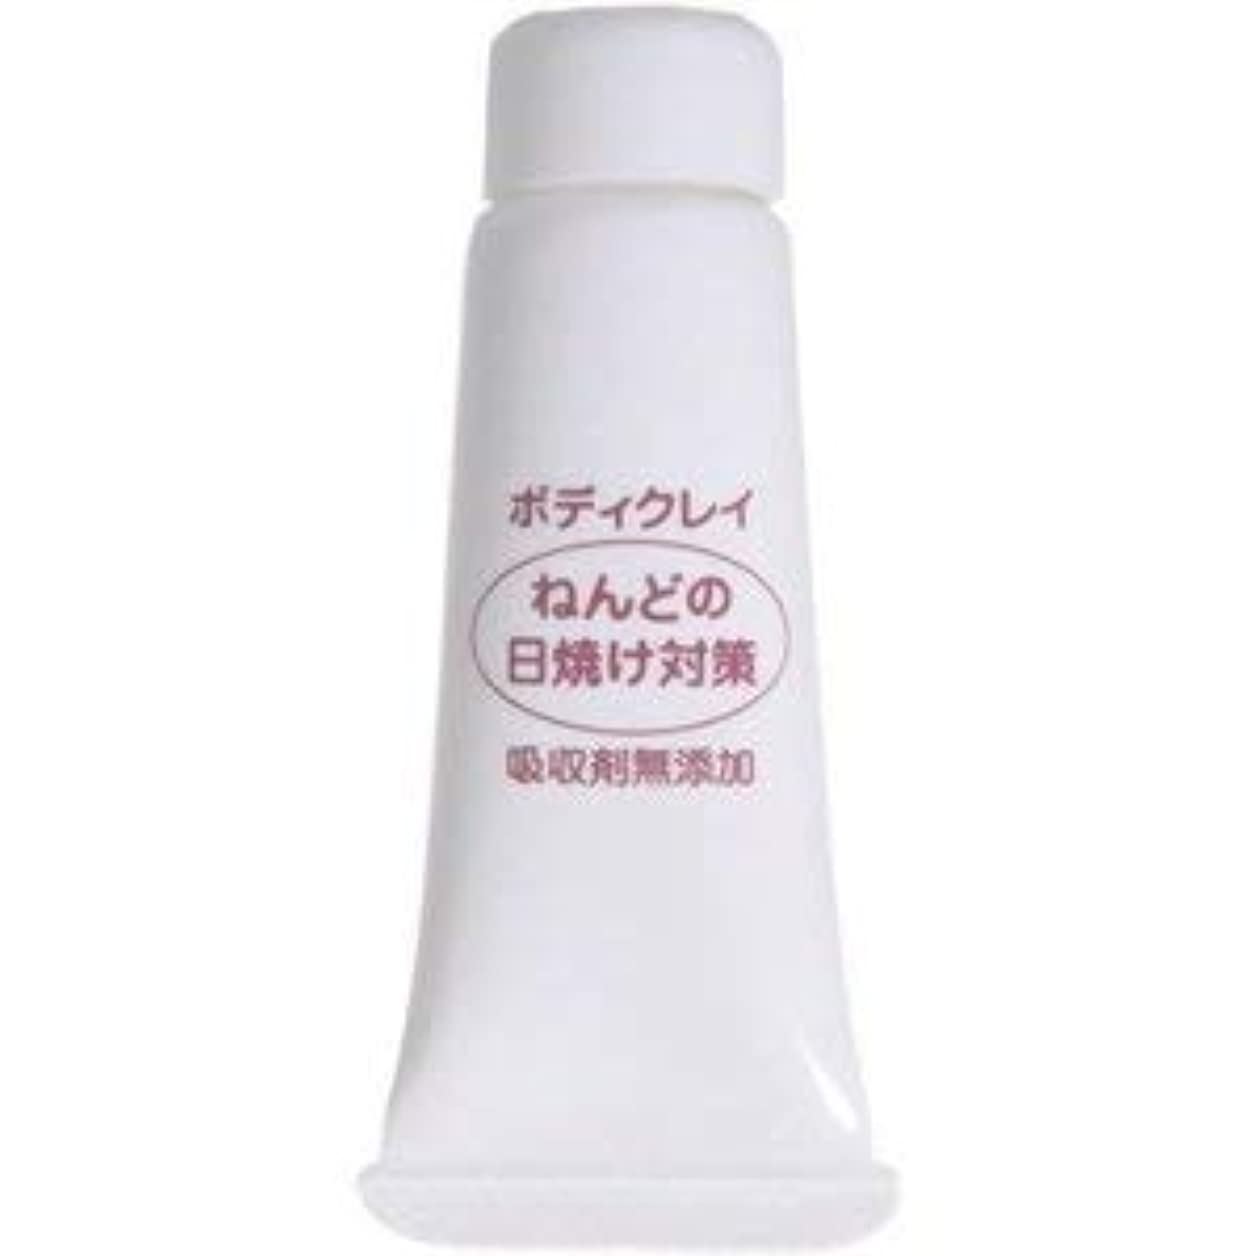 スプーン母音有能な【お試し用】ボディクレイ ねんどの日焼け対策 10g [並行輸入品]